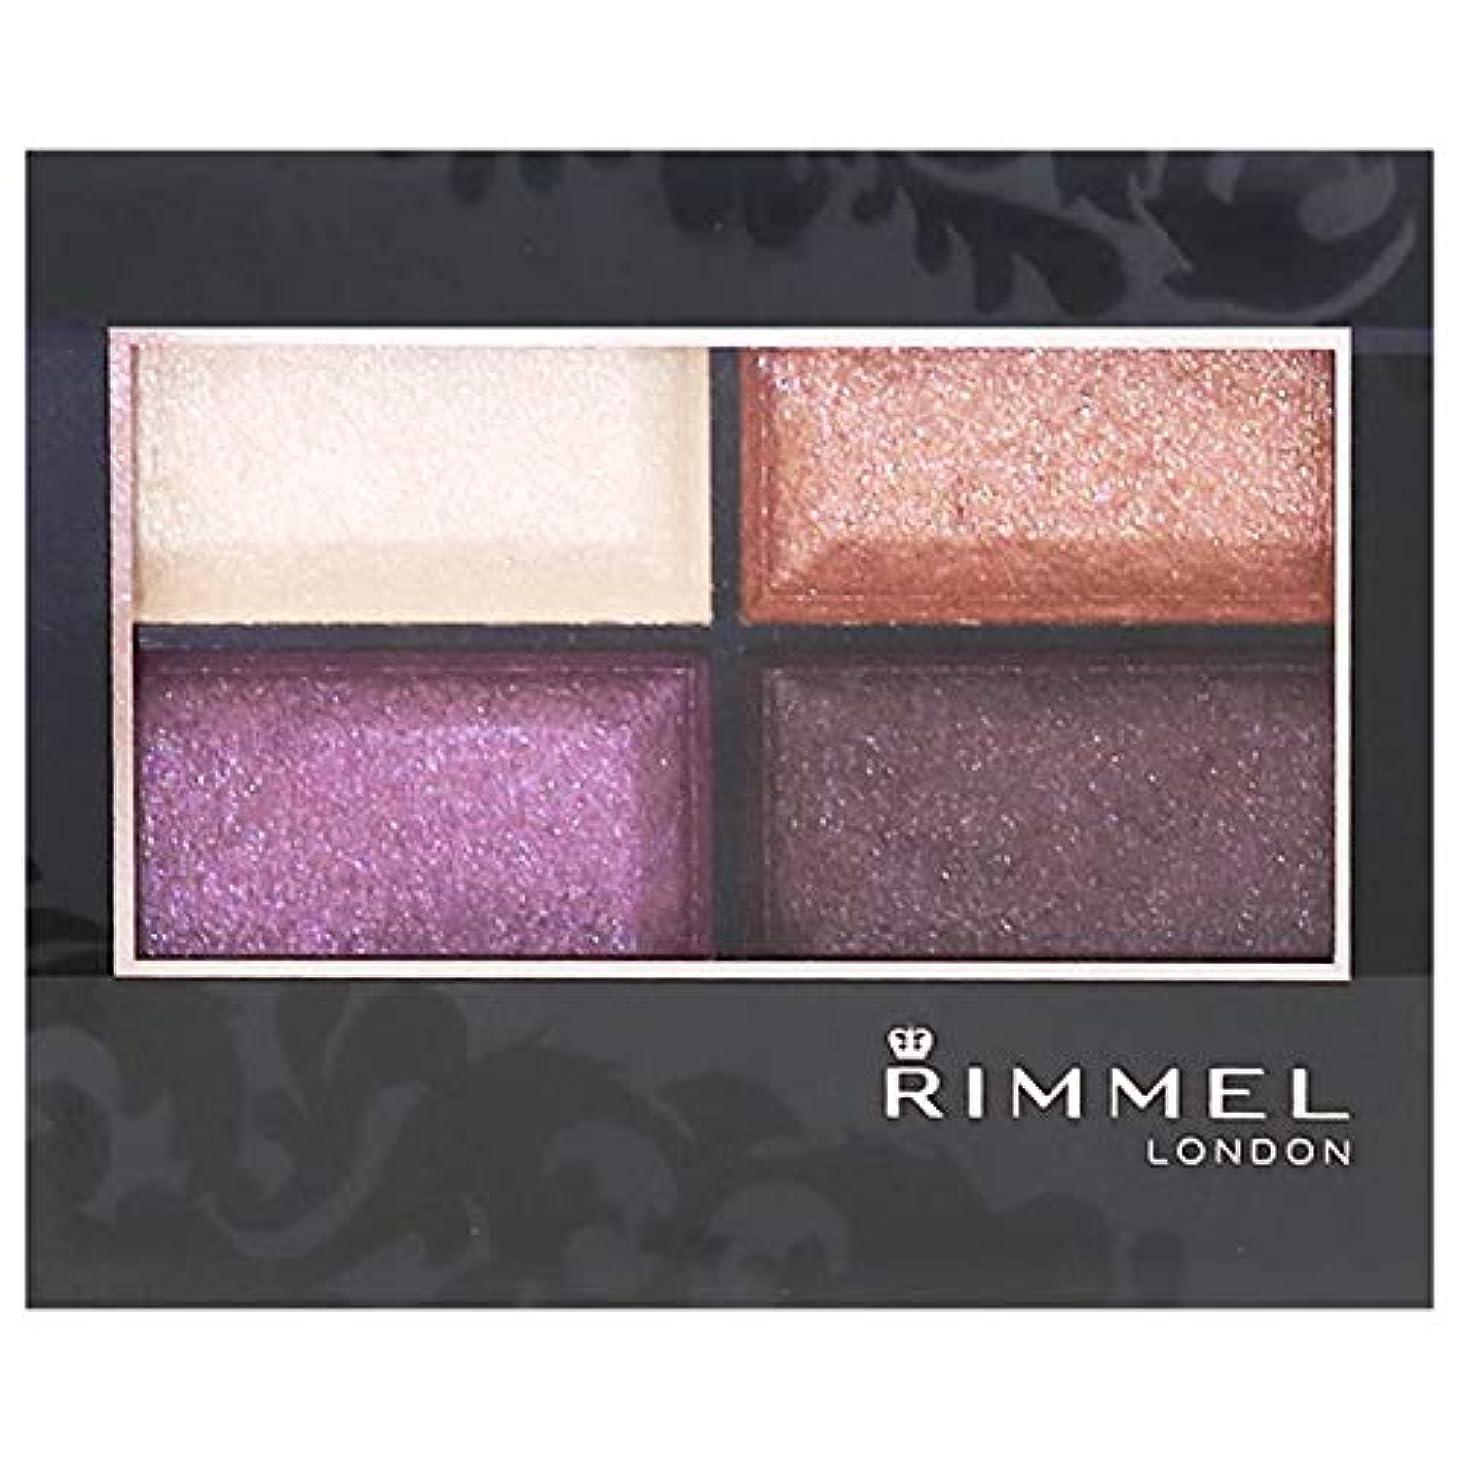 残忍な天使宿Rimmel (リンメル) リンメル ロイヤルヴィンテージ アイズ 015 スモーキーアメジスト 4.1g アイシャドウ